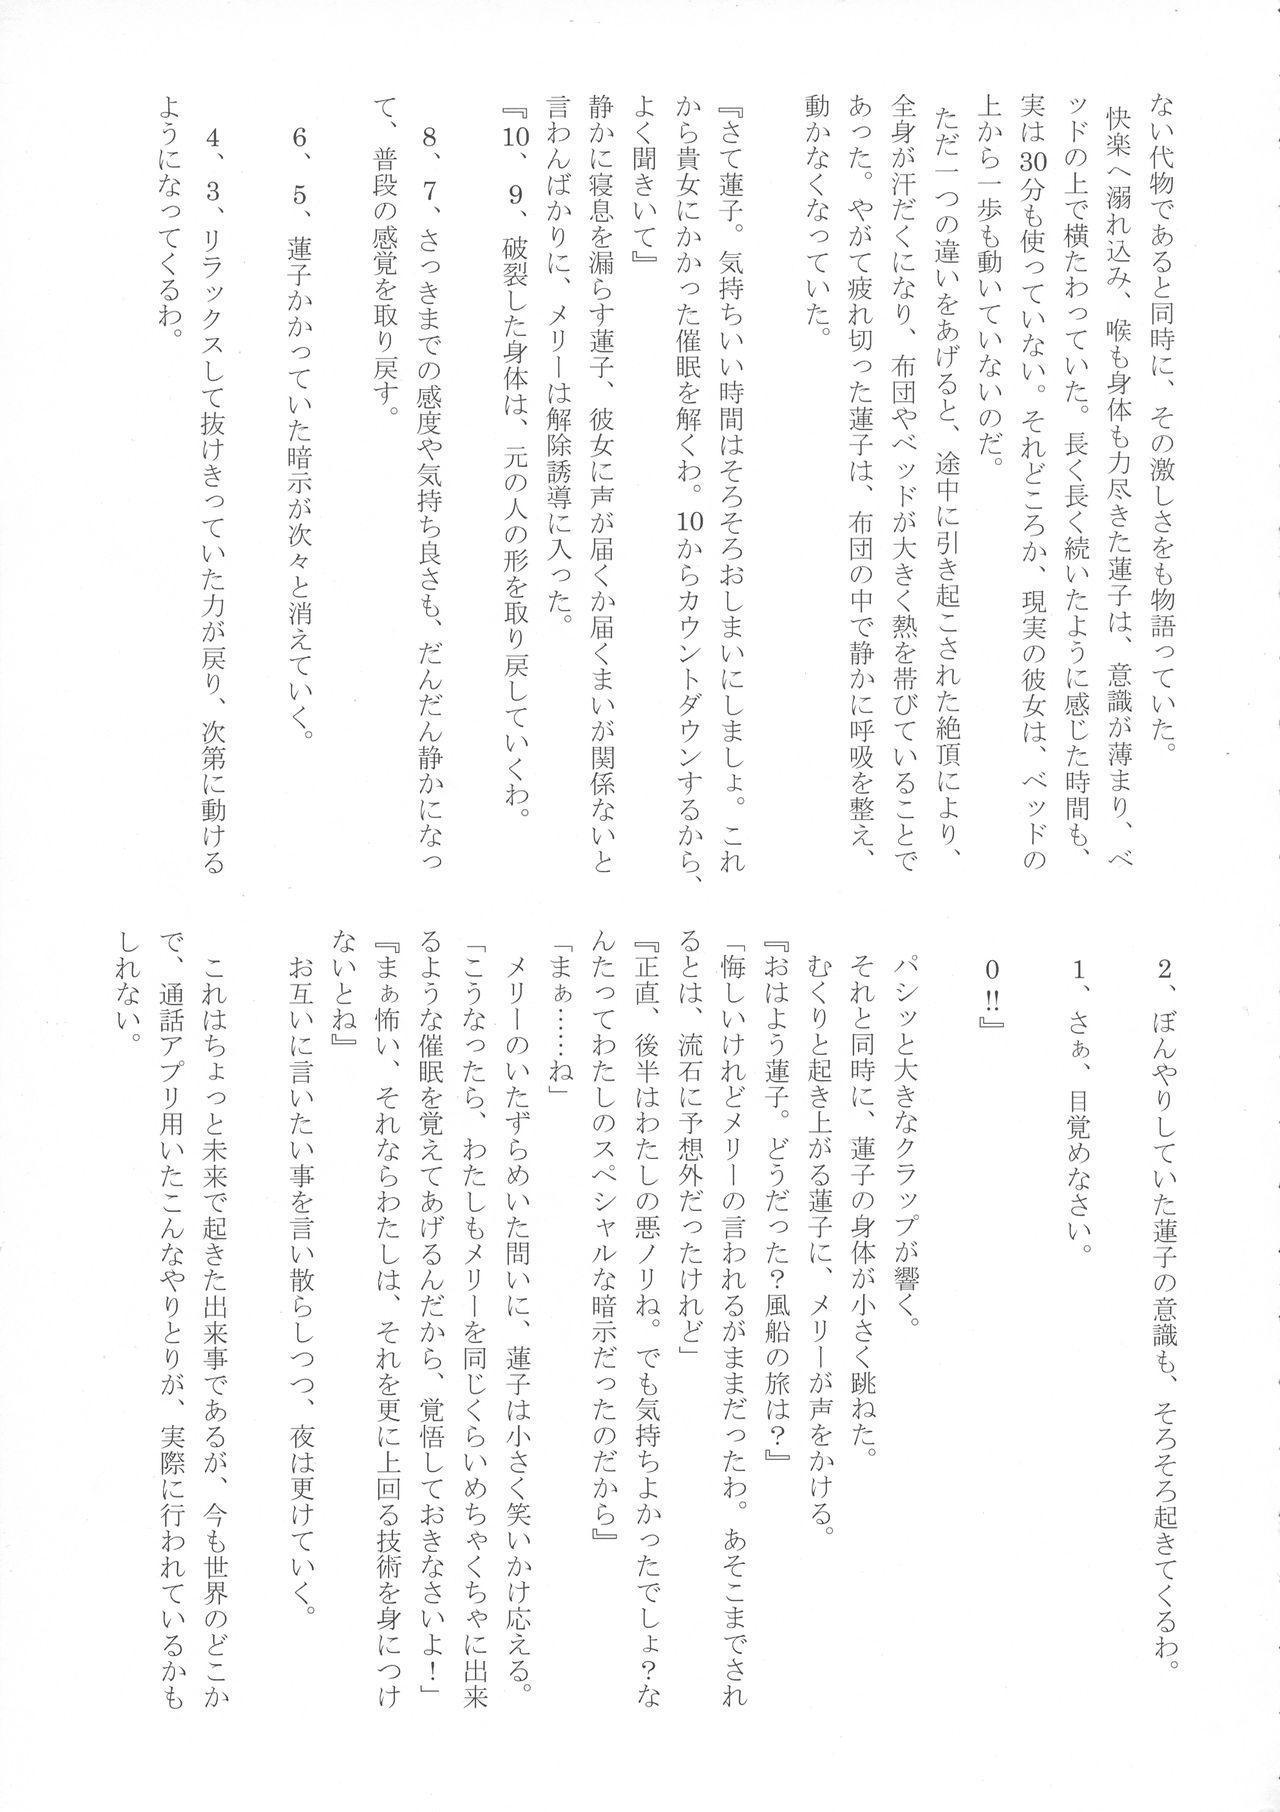 (Reitaisai 15) [HORIC WORKS (Various)] Touhou Bouchou-kei Sougou Goudou-shi `Boujo 2!!!!!!!!' (Touhou Project) 83